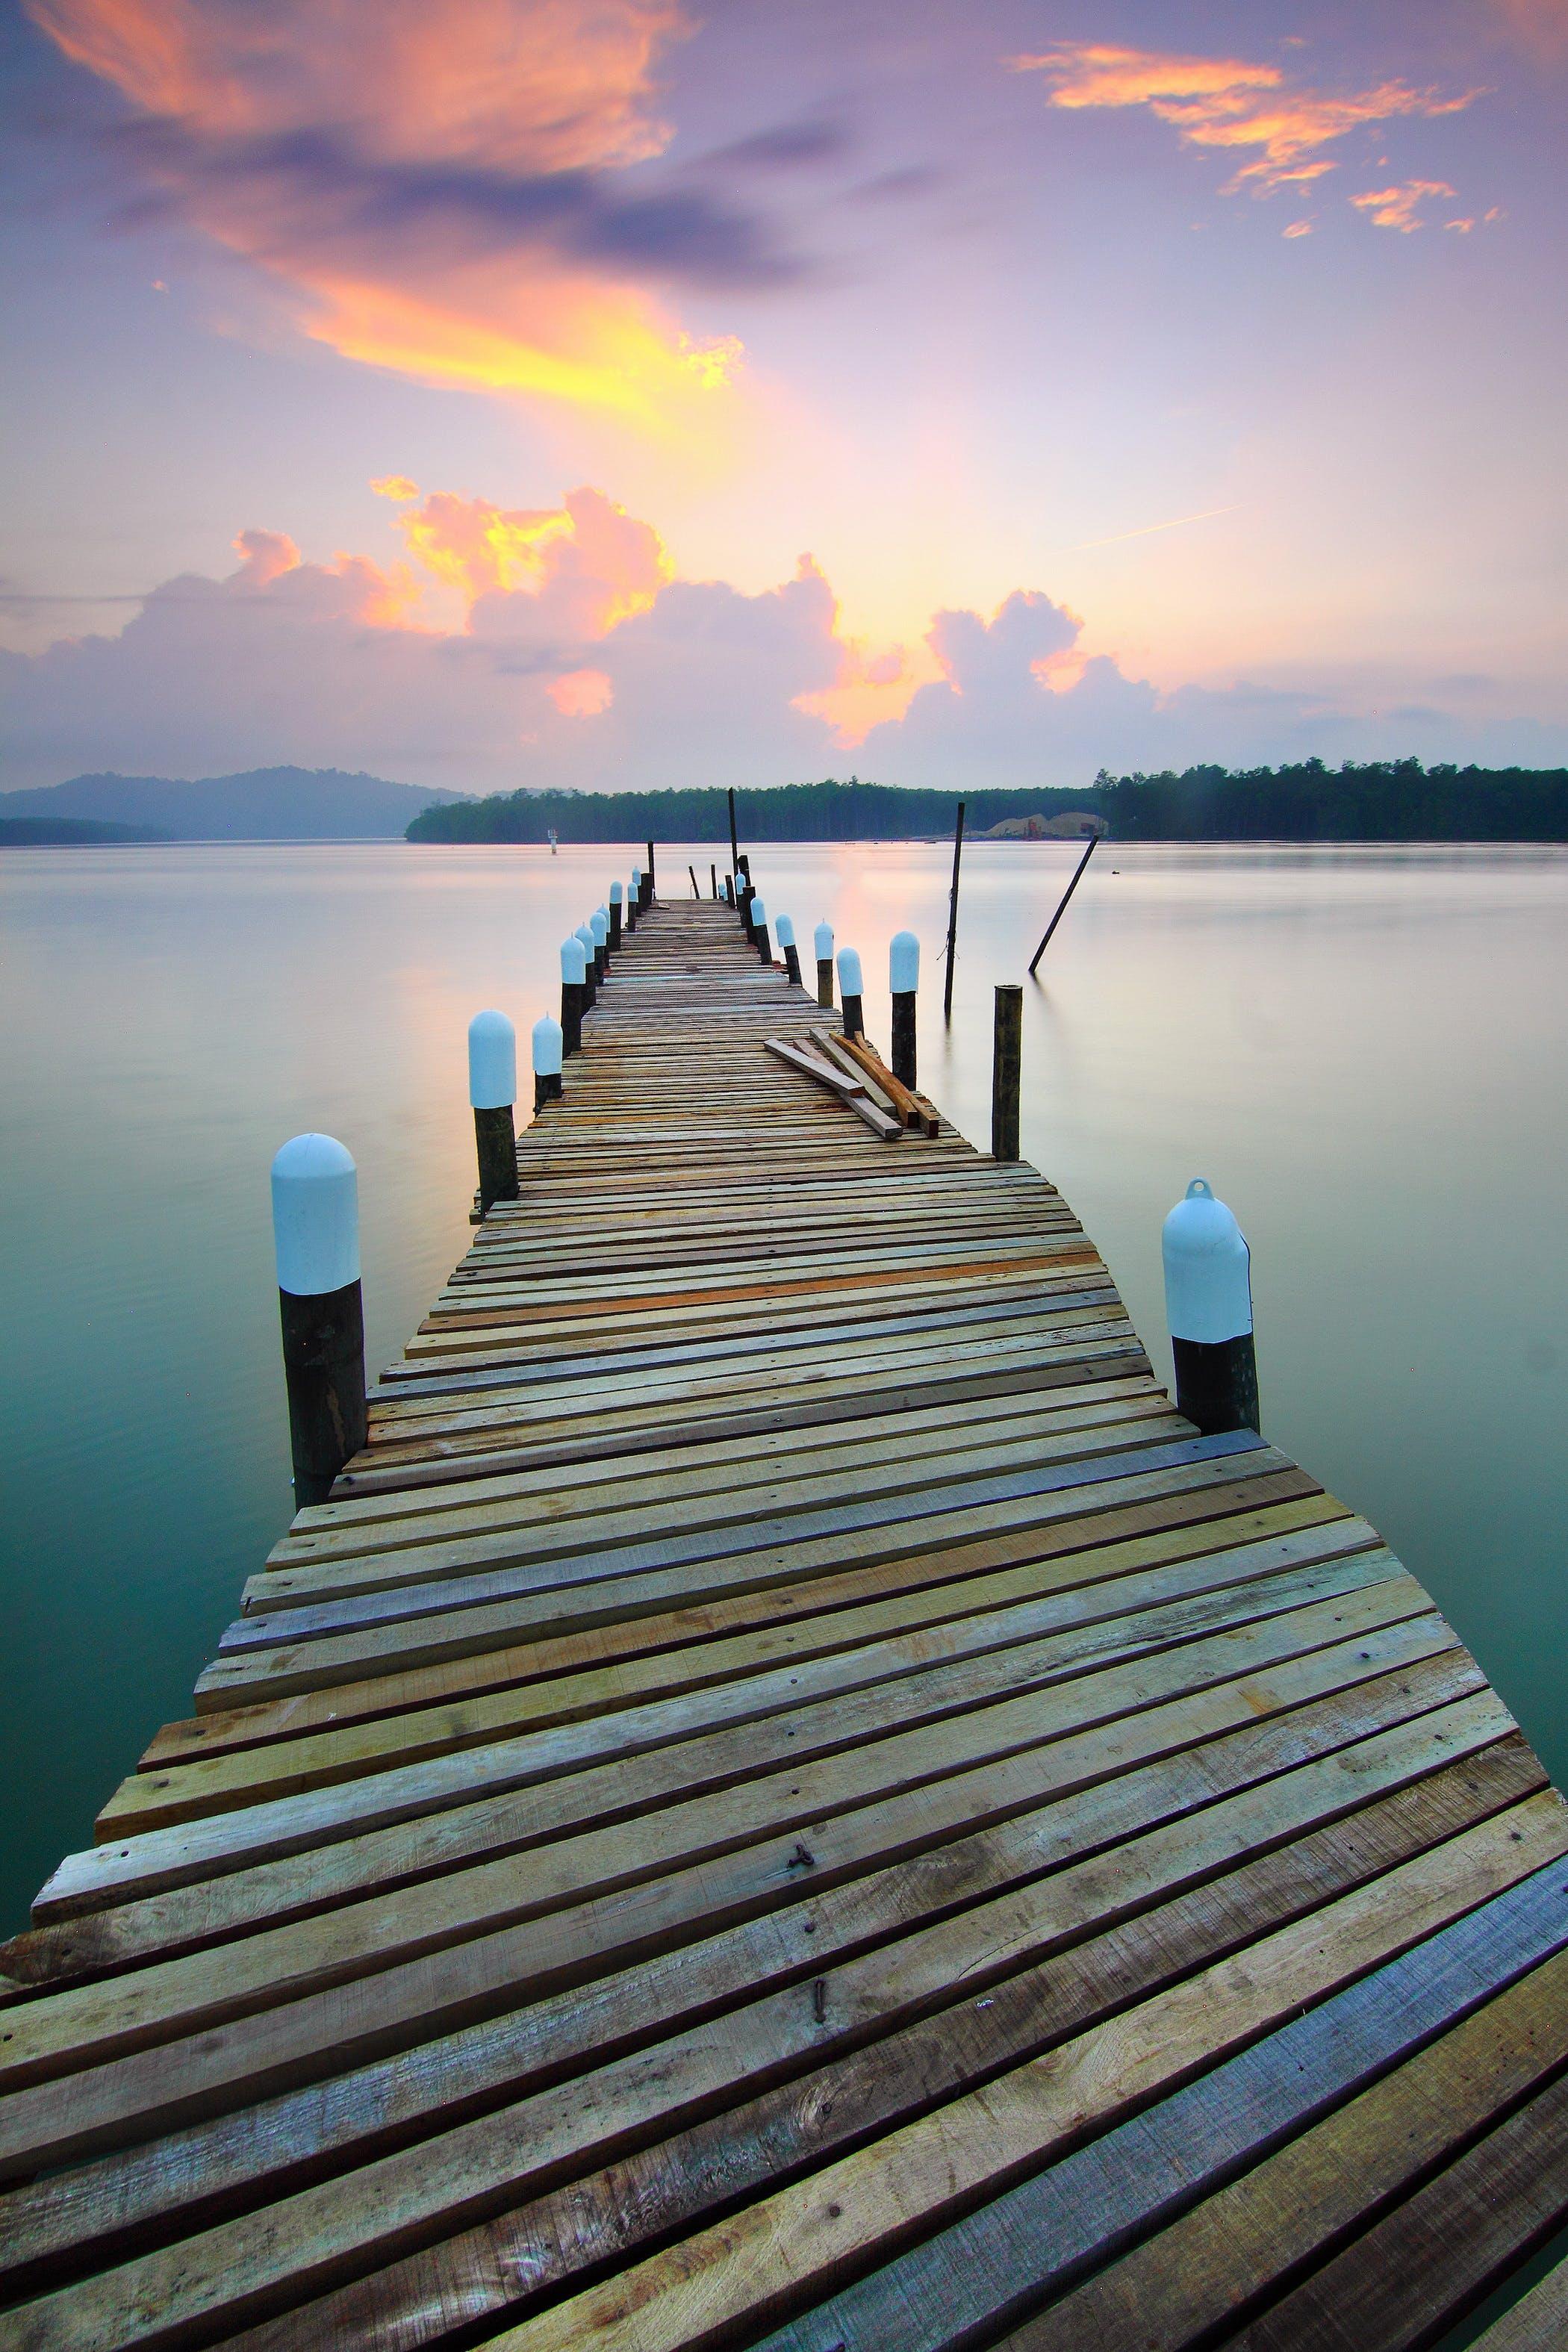 ドック, 反射, 日没, 桟橋の無料の写真素材